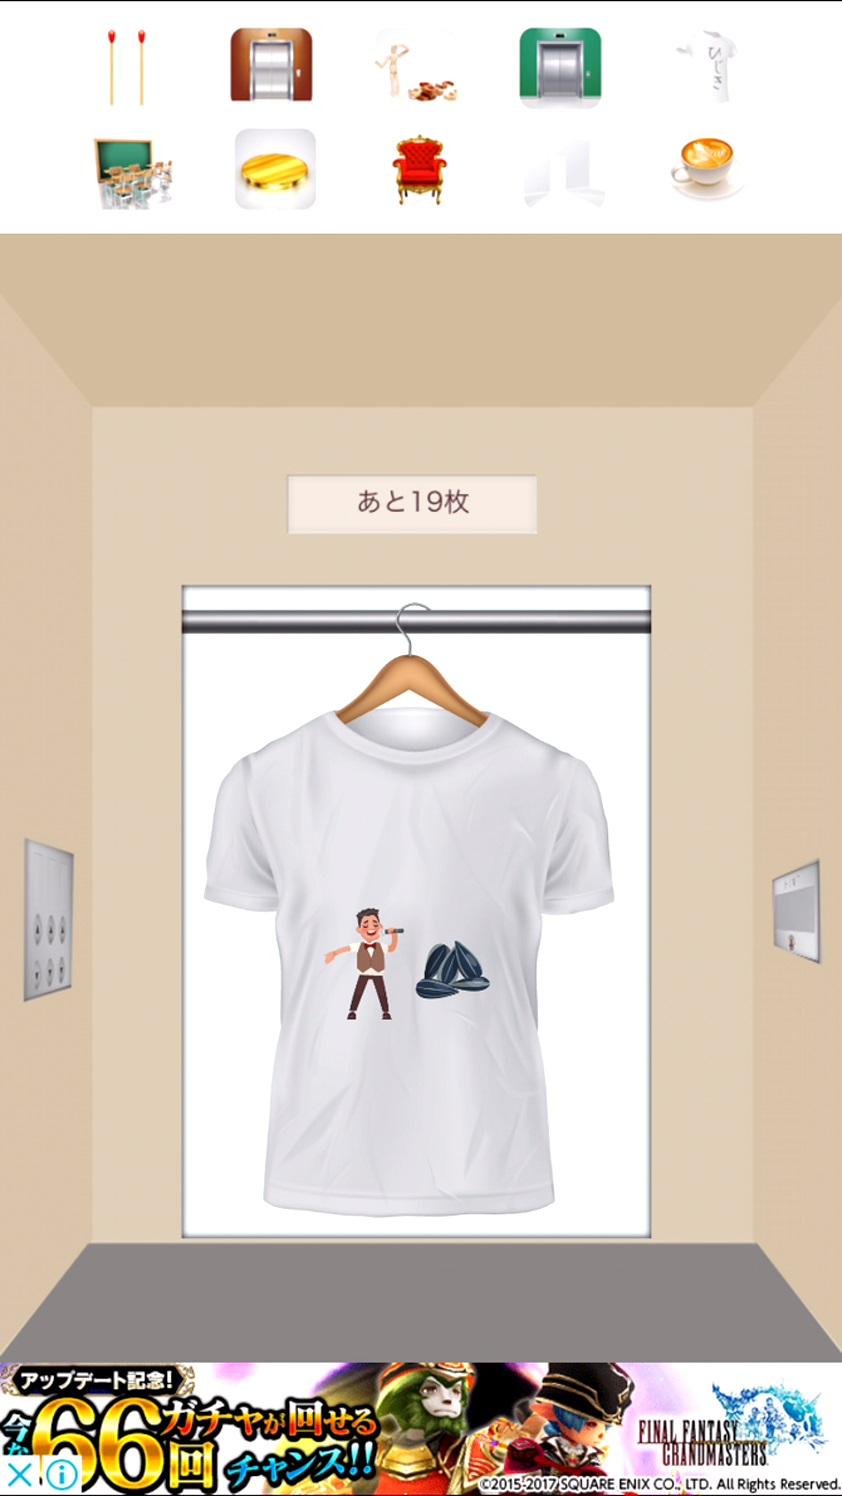 脱出ゲーム Tシャツ2 androidアプリスクリーンショット1